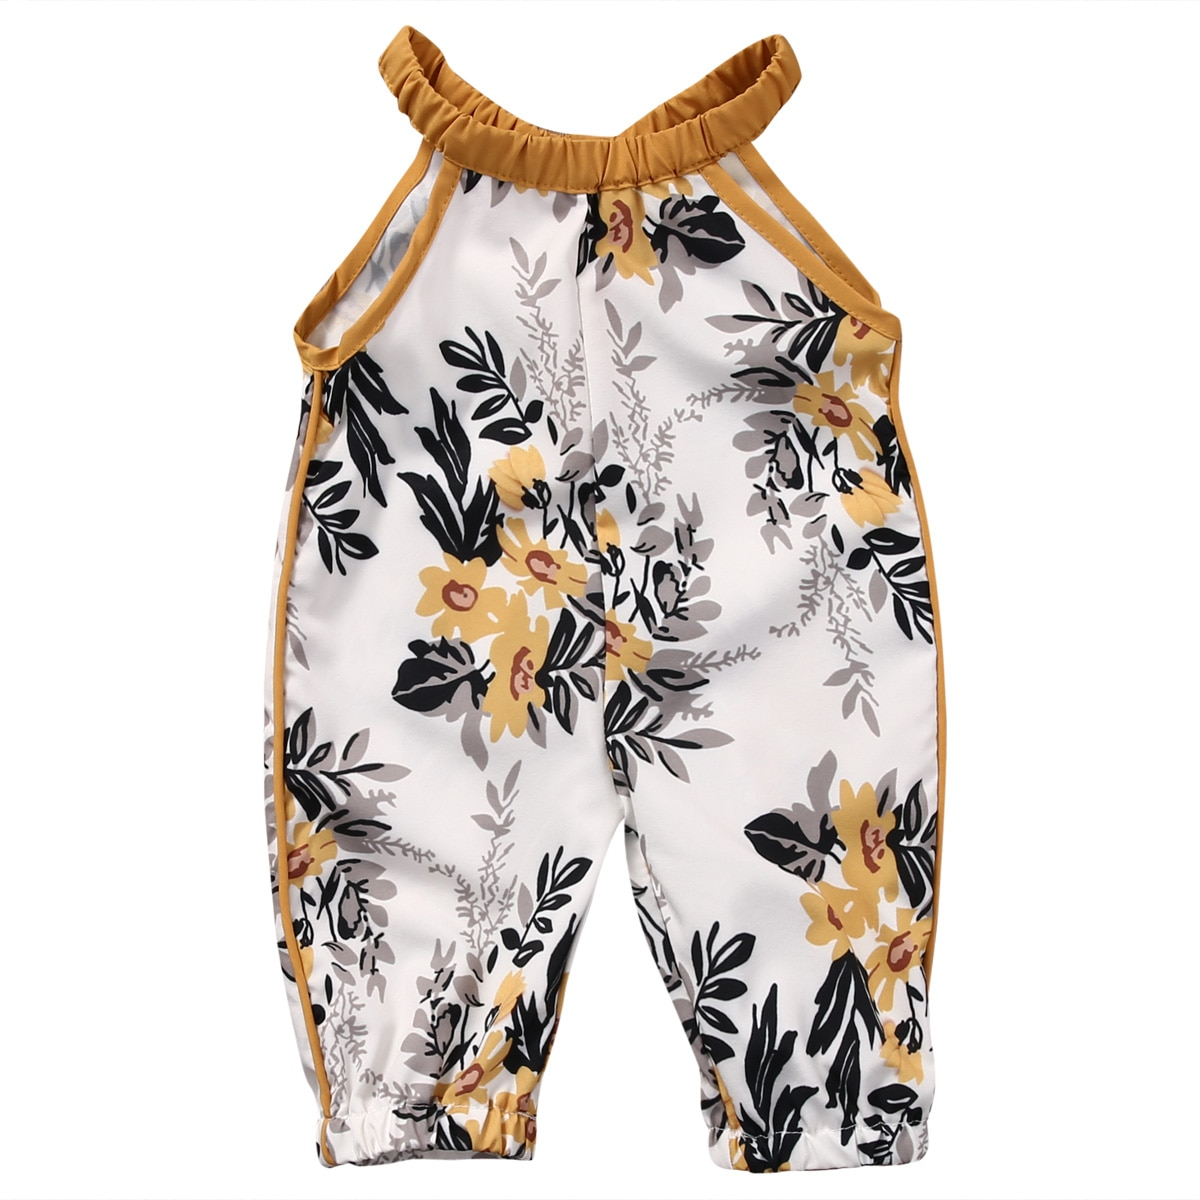 2017 модная одежда для маленьких девочек, летние комбинезоны детские одежда без рукавов с цветочным принтом для маленьких девочек, комплект одежды